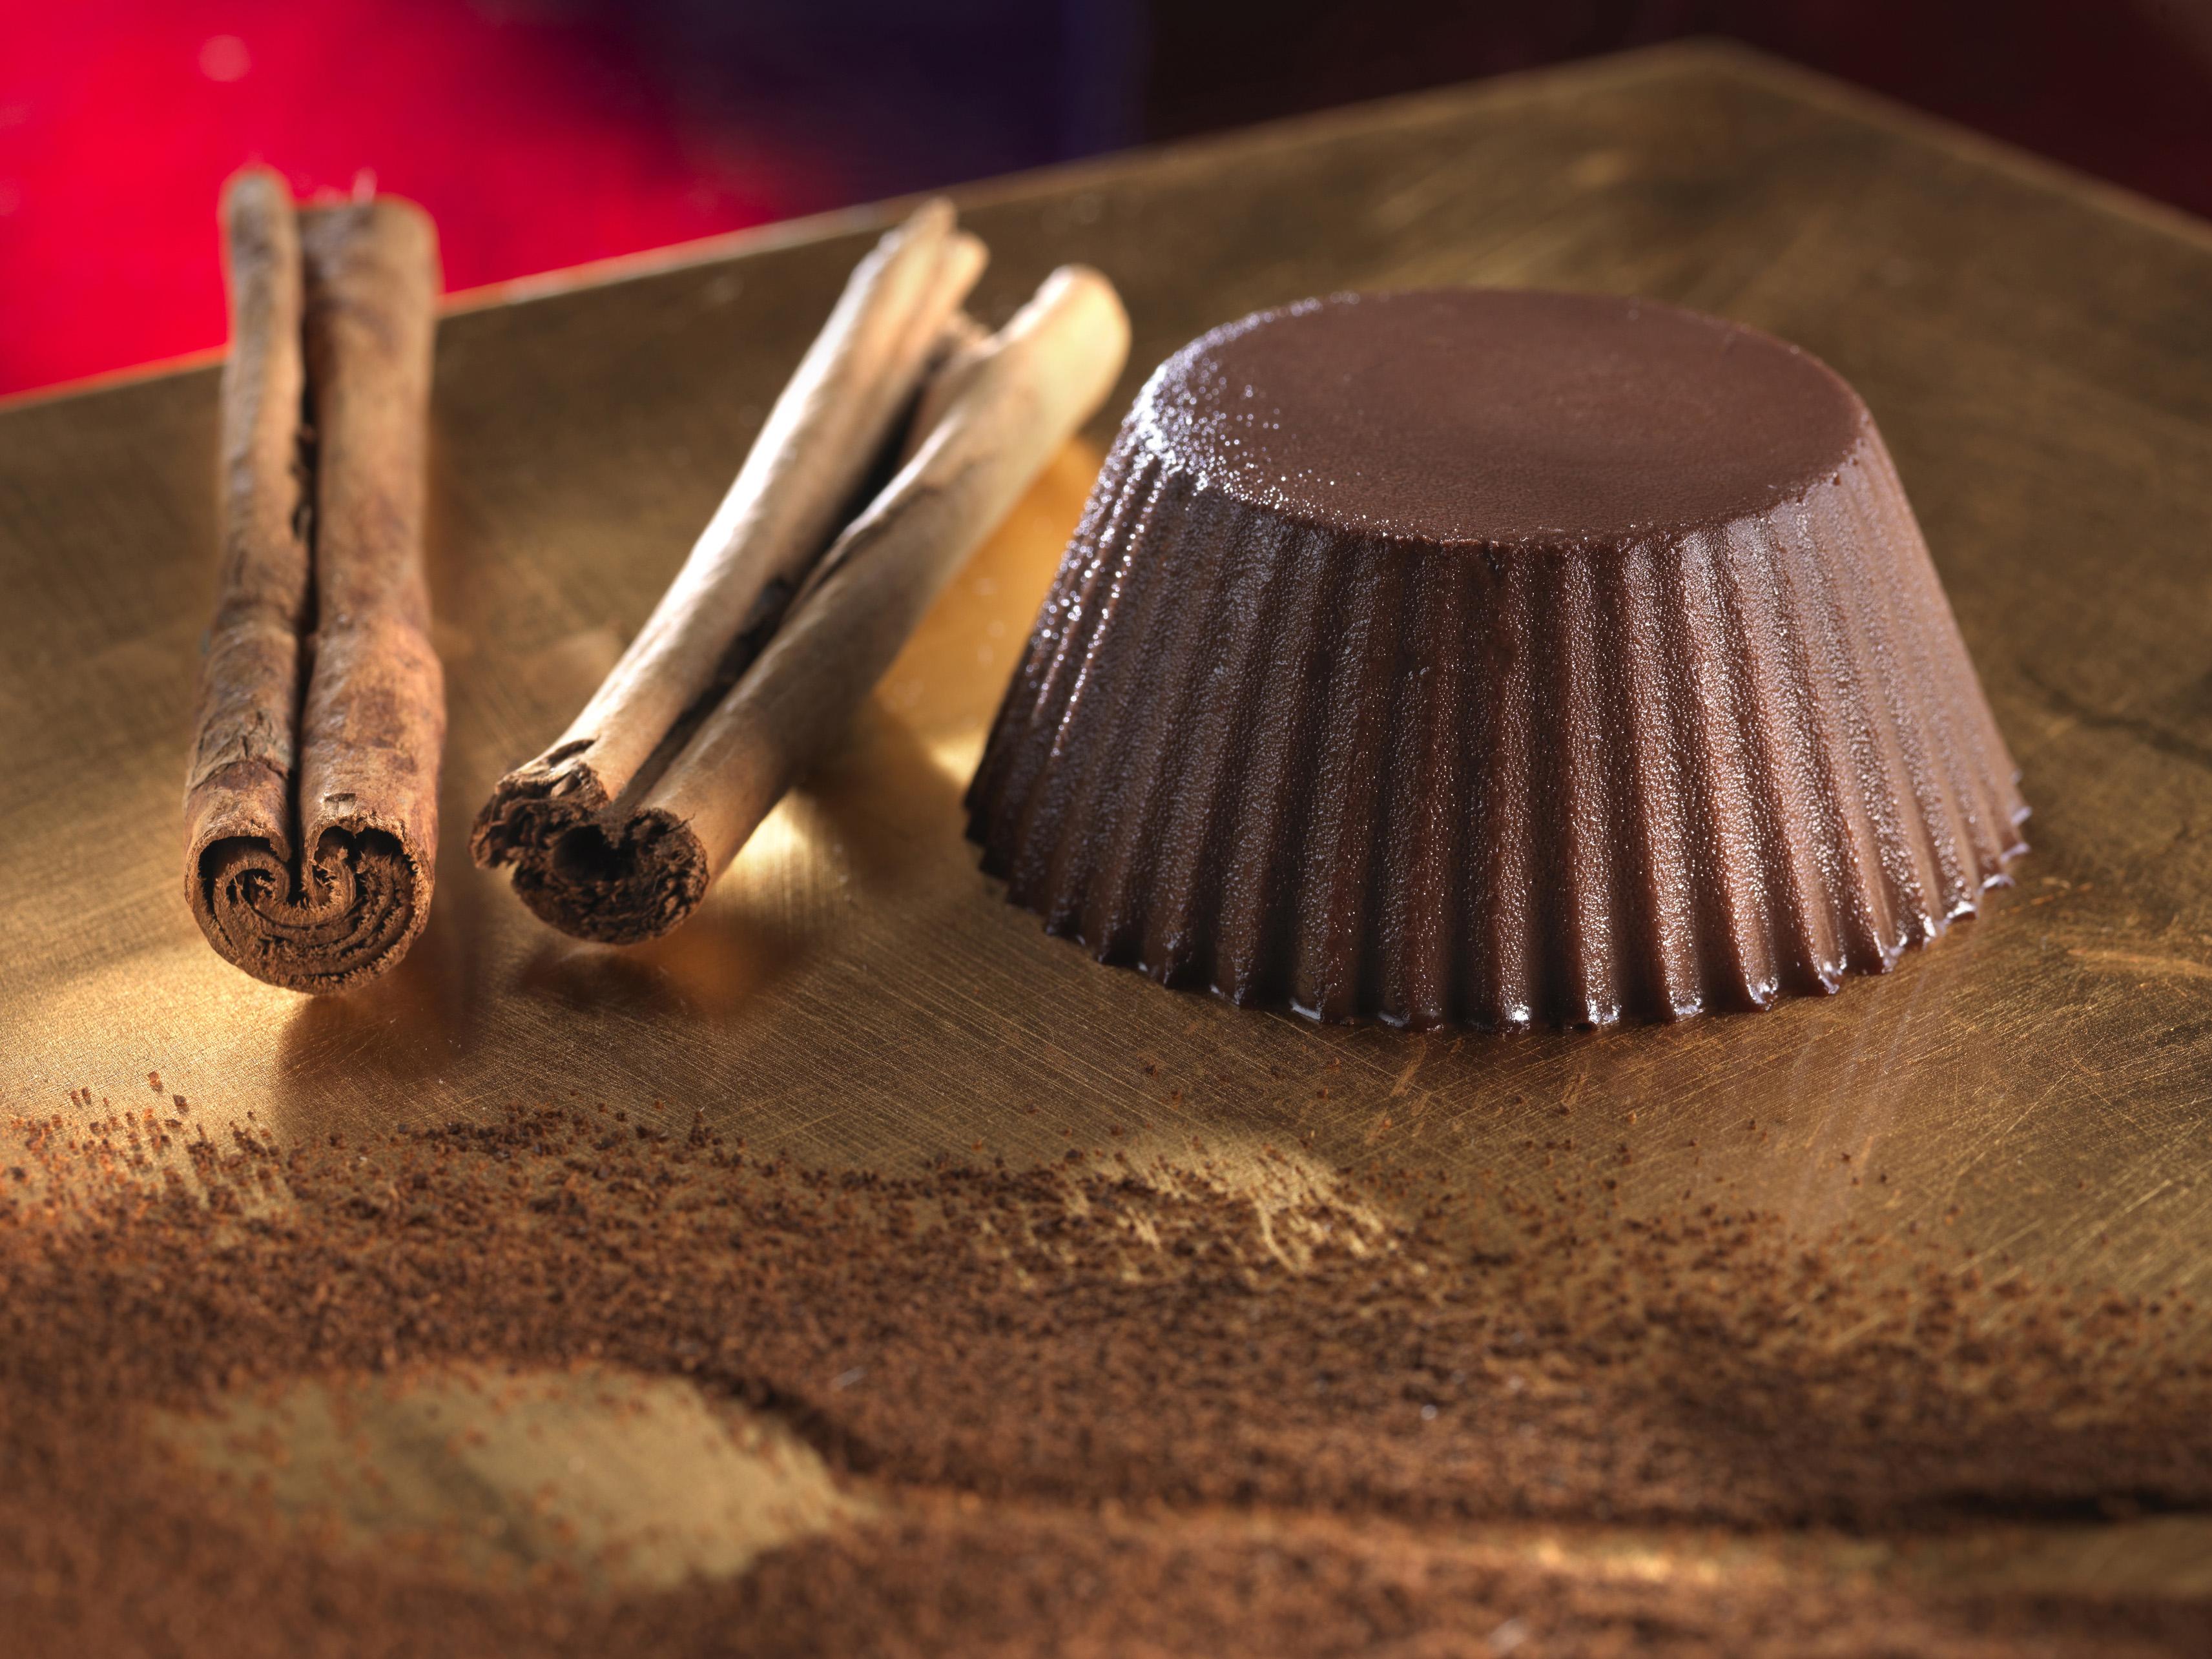 Budino cioccolato con cannella esclusiva tips; realese: tutti gli utilizzi